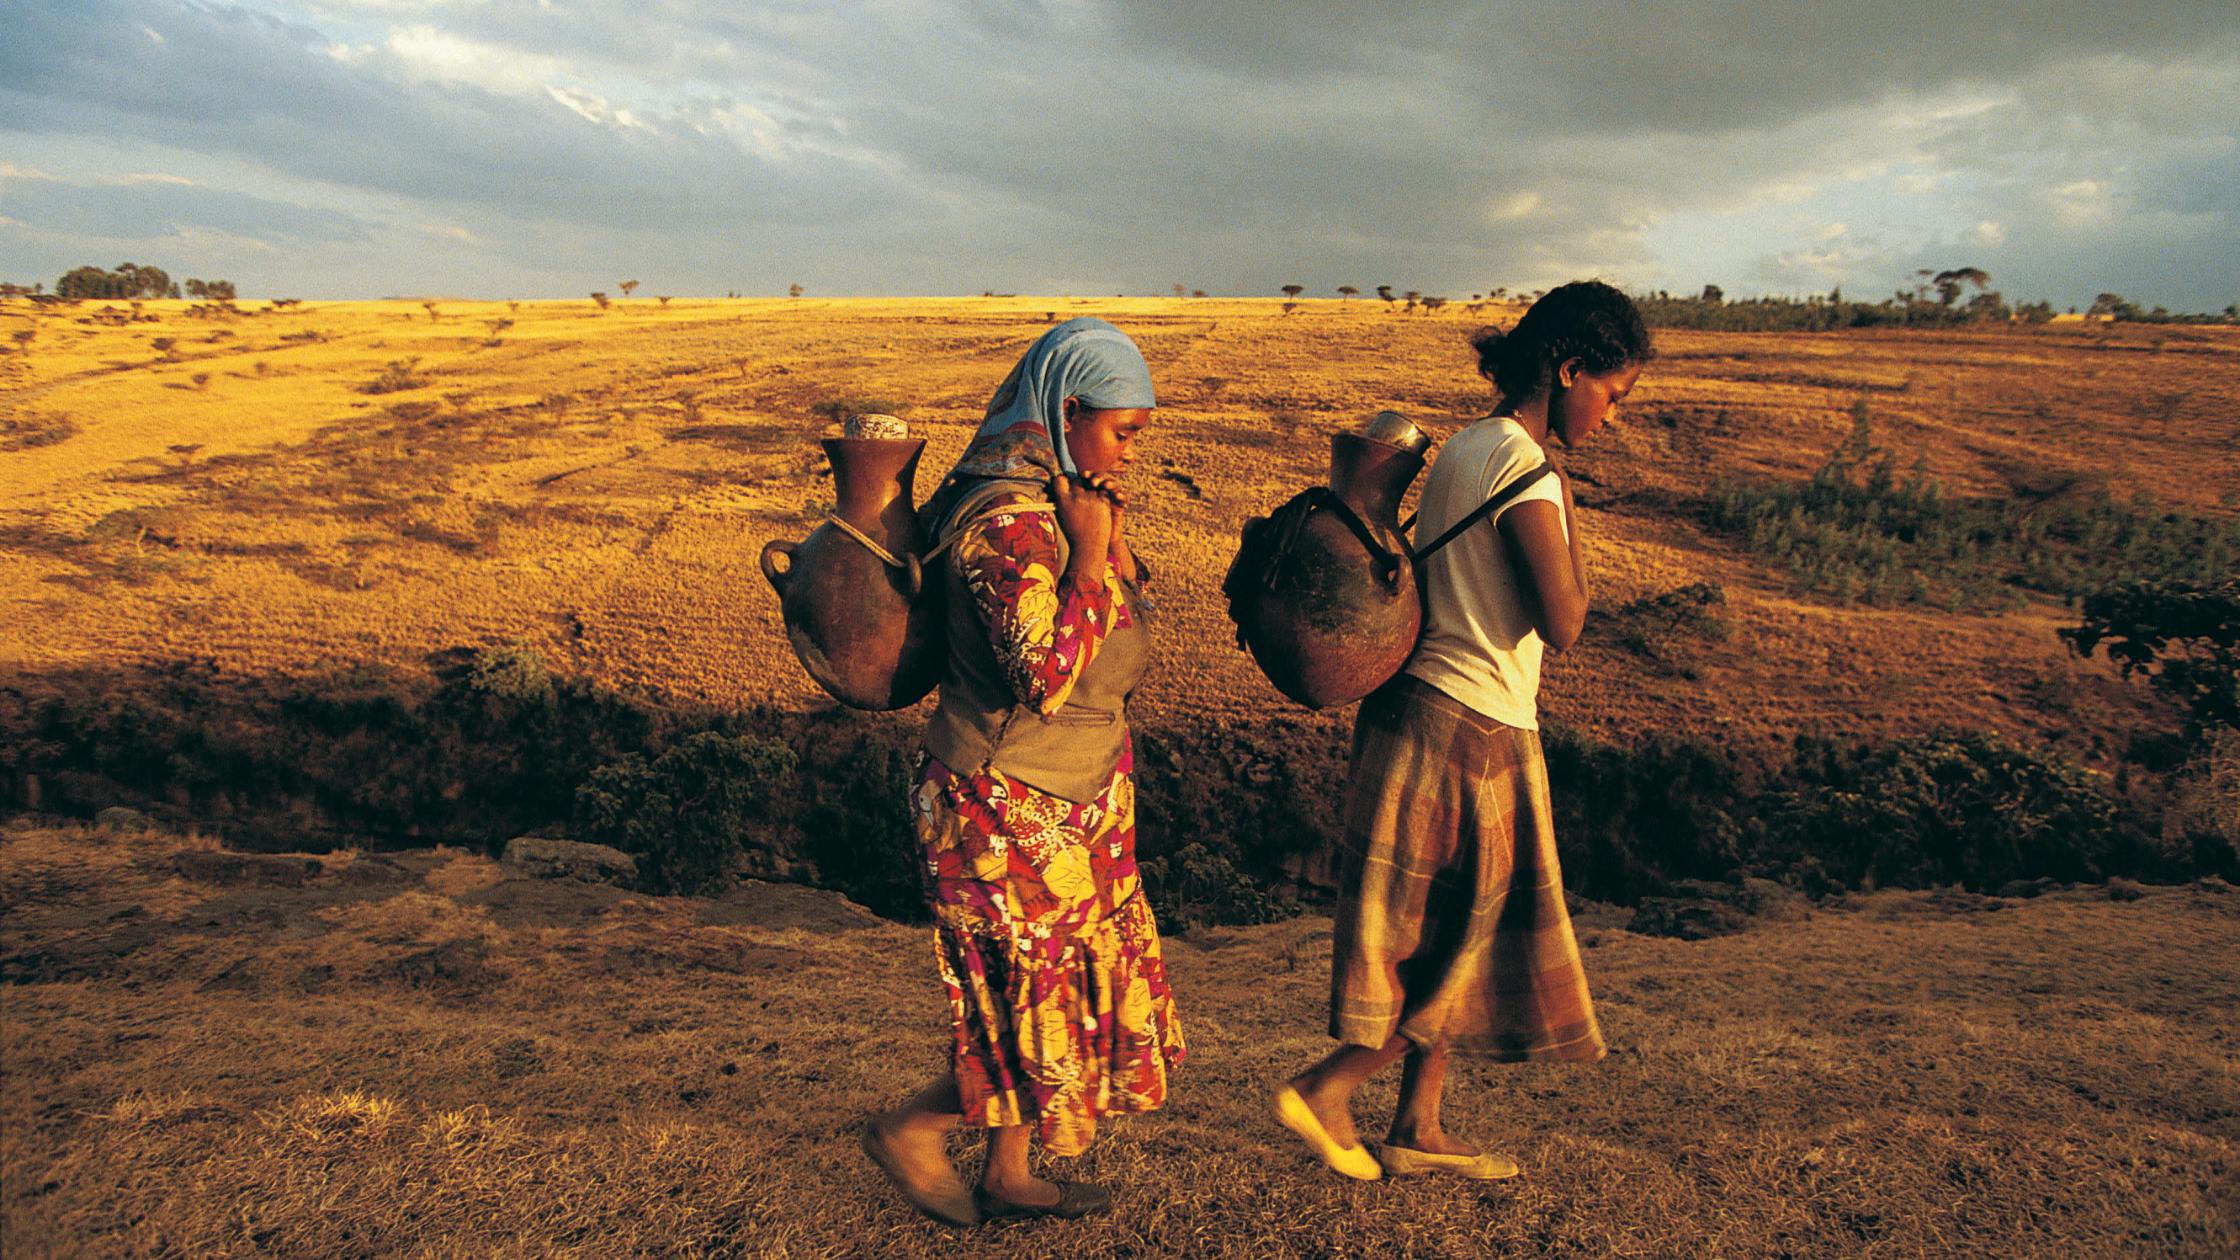 Agua y migración: impacto de la crisis del agua en los flujos migratorios